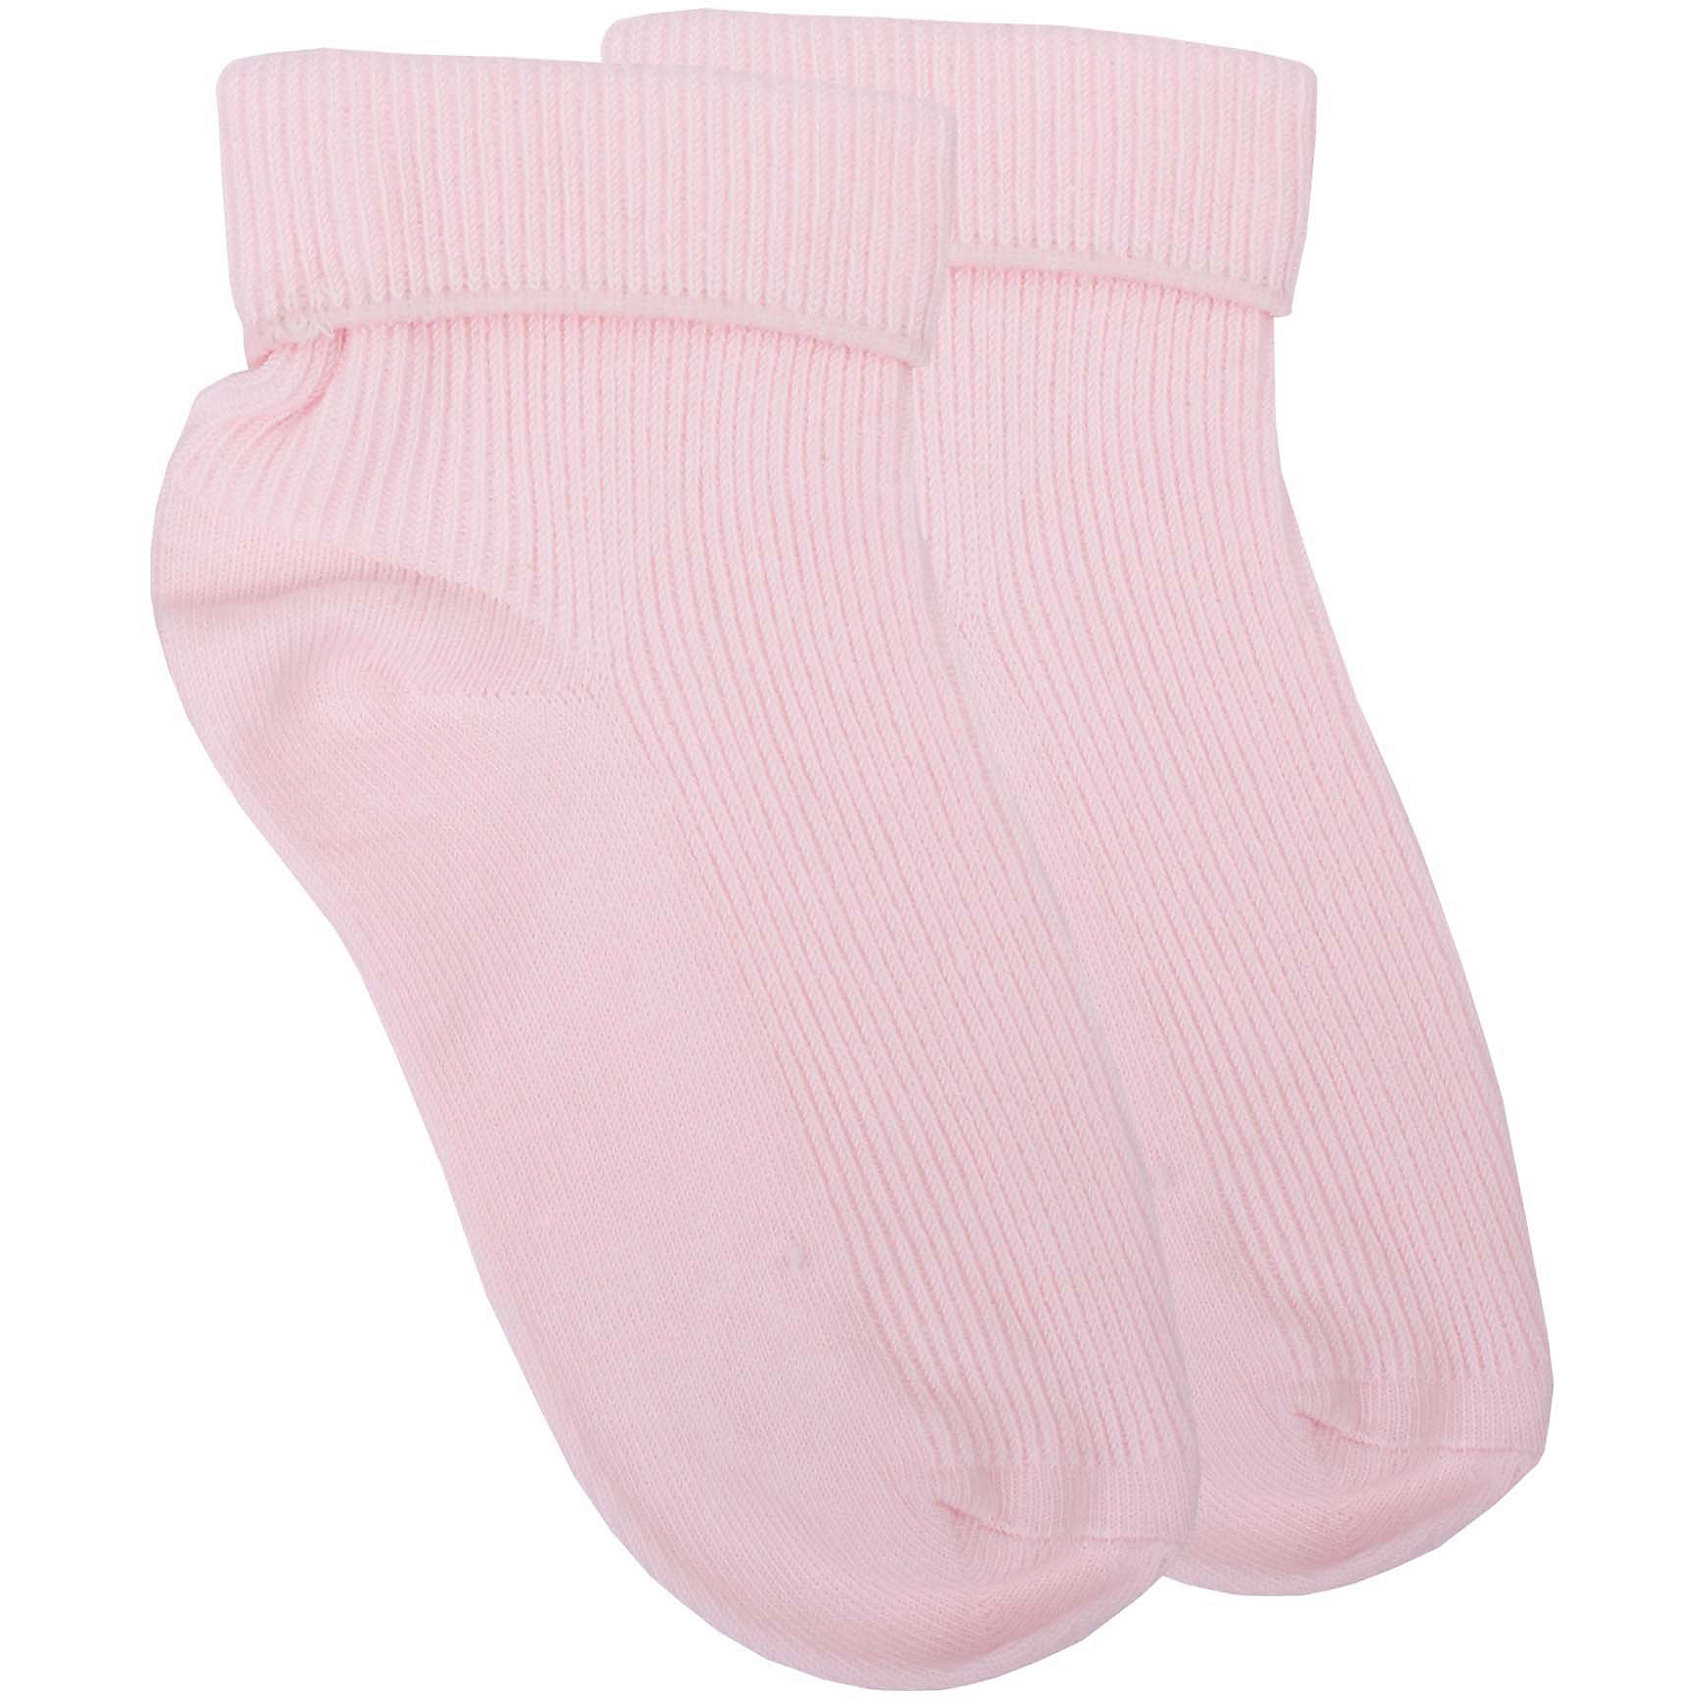 Носки для девочки GulliverНоски<br>Укороченные детские носки - важная составляющая повседневного летнего гардероба. Белые и цветные, с рисунком и без, носки играют большую функциональную роль, ведь от них зависит удобство и комфорт в ежедневной носке.<br>Состав:<br>72% хлопок            25% полиэстер 3% эластан<br><br>Ширина мм: 87<br>Глубина мм: 10<br>Высота мм: 105<br>Вес г: 115<br>Цвет: розовый<br>Возраст от месяцев: 168<br>Возраст до месяцев: 1188<br>Пол: Женский<br>Возраст: Детский<br>Размер: 26,14,18,22<br>SKU: 5483474